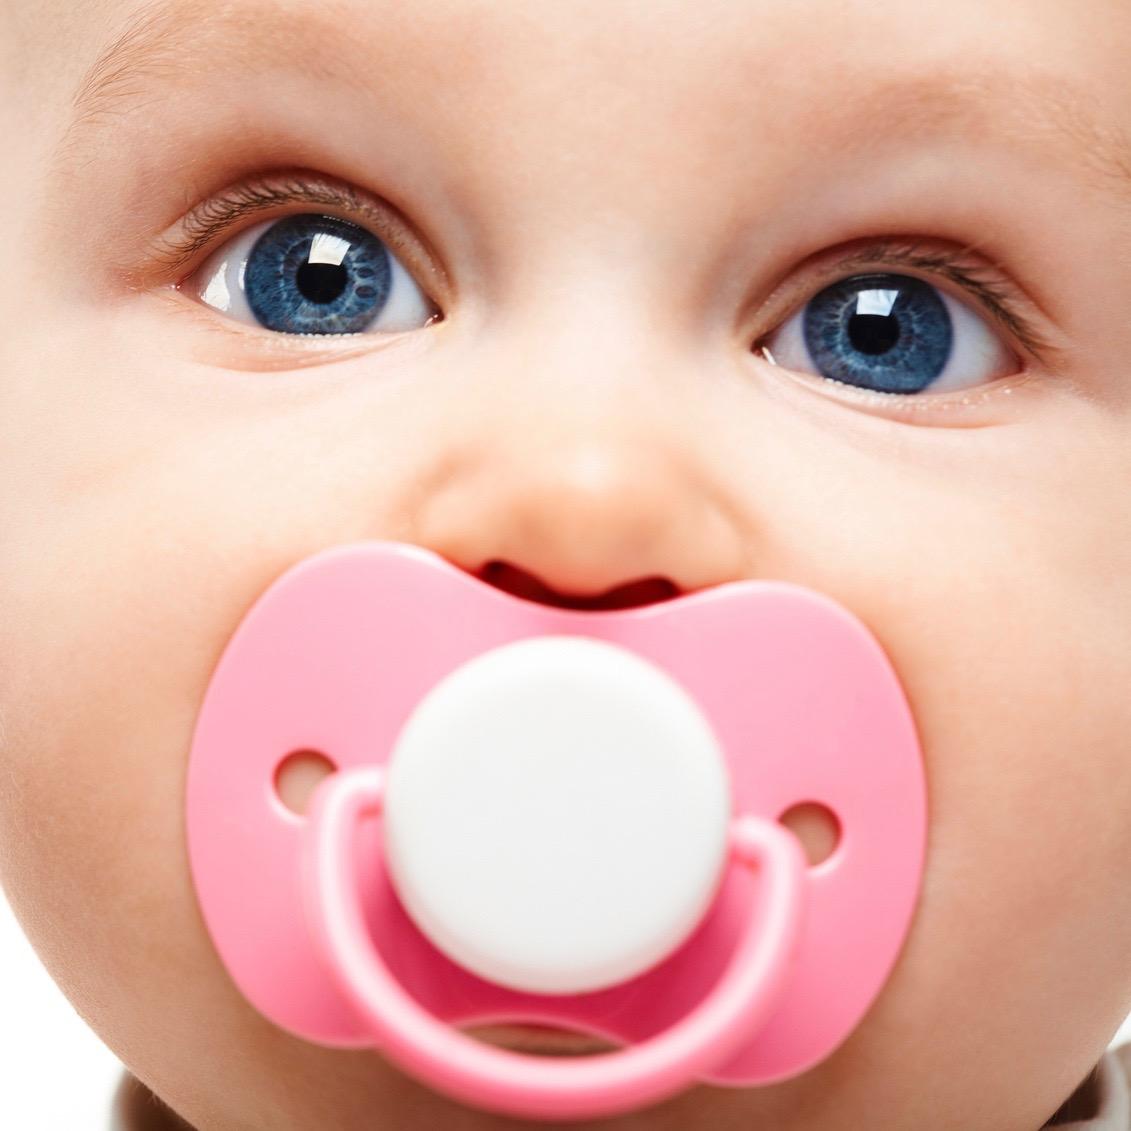 El chupete o chupón: ¿es bueno para tu bebé?